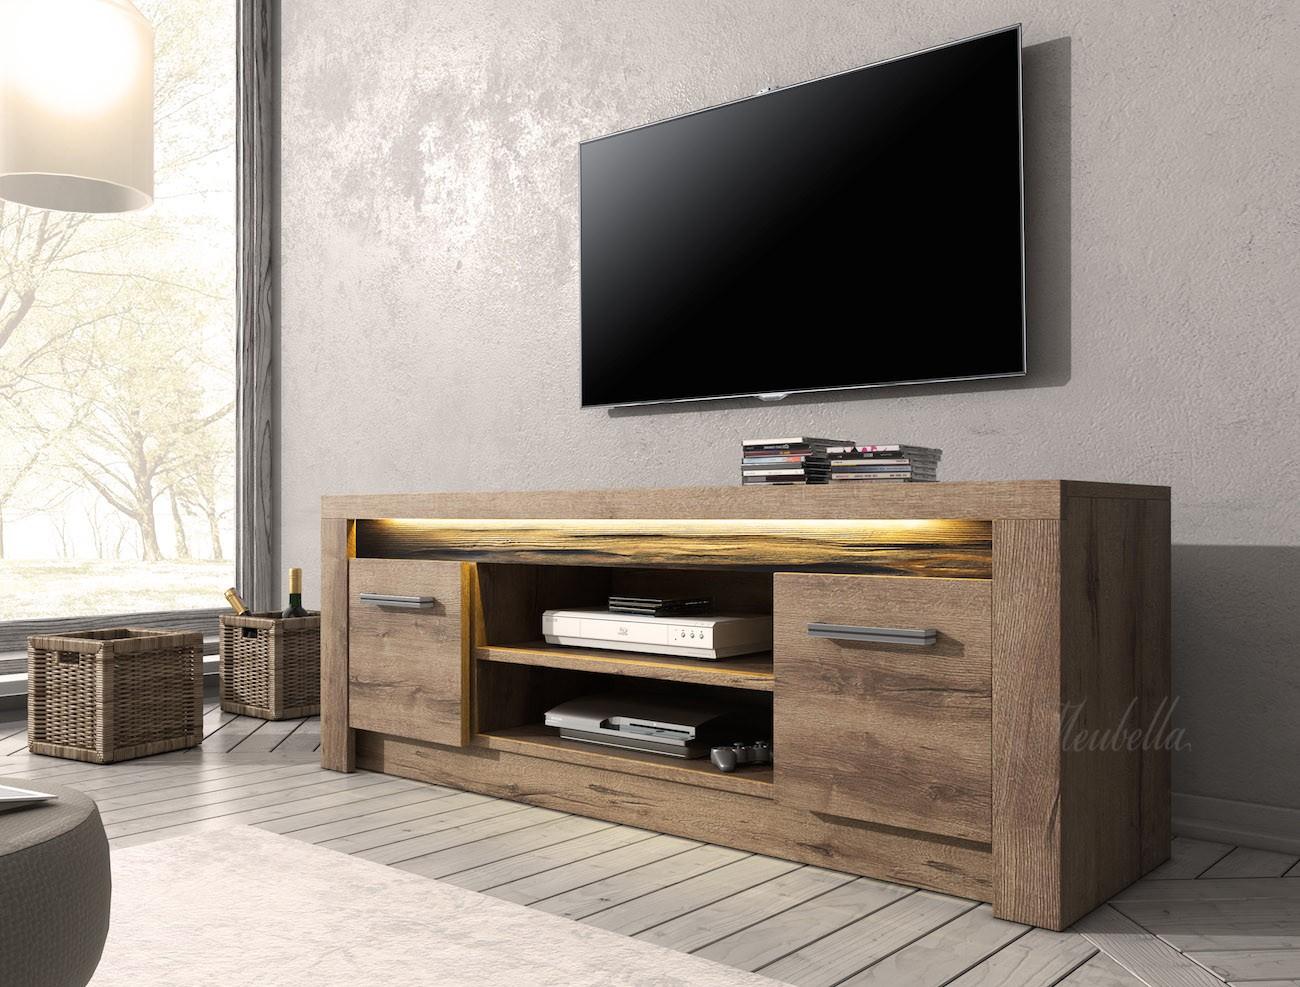 Tv meubel invido eiken 137 cm actie tv meubels for Eiken tv meubel